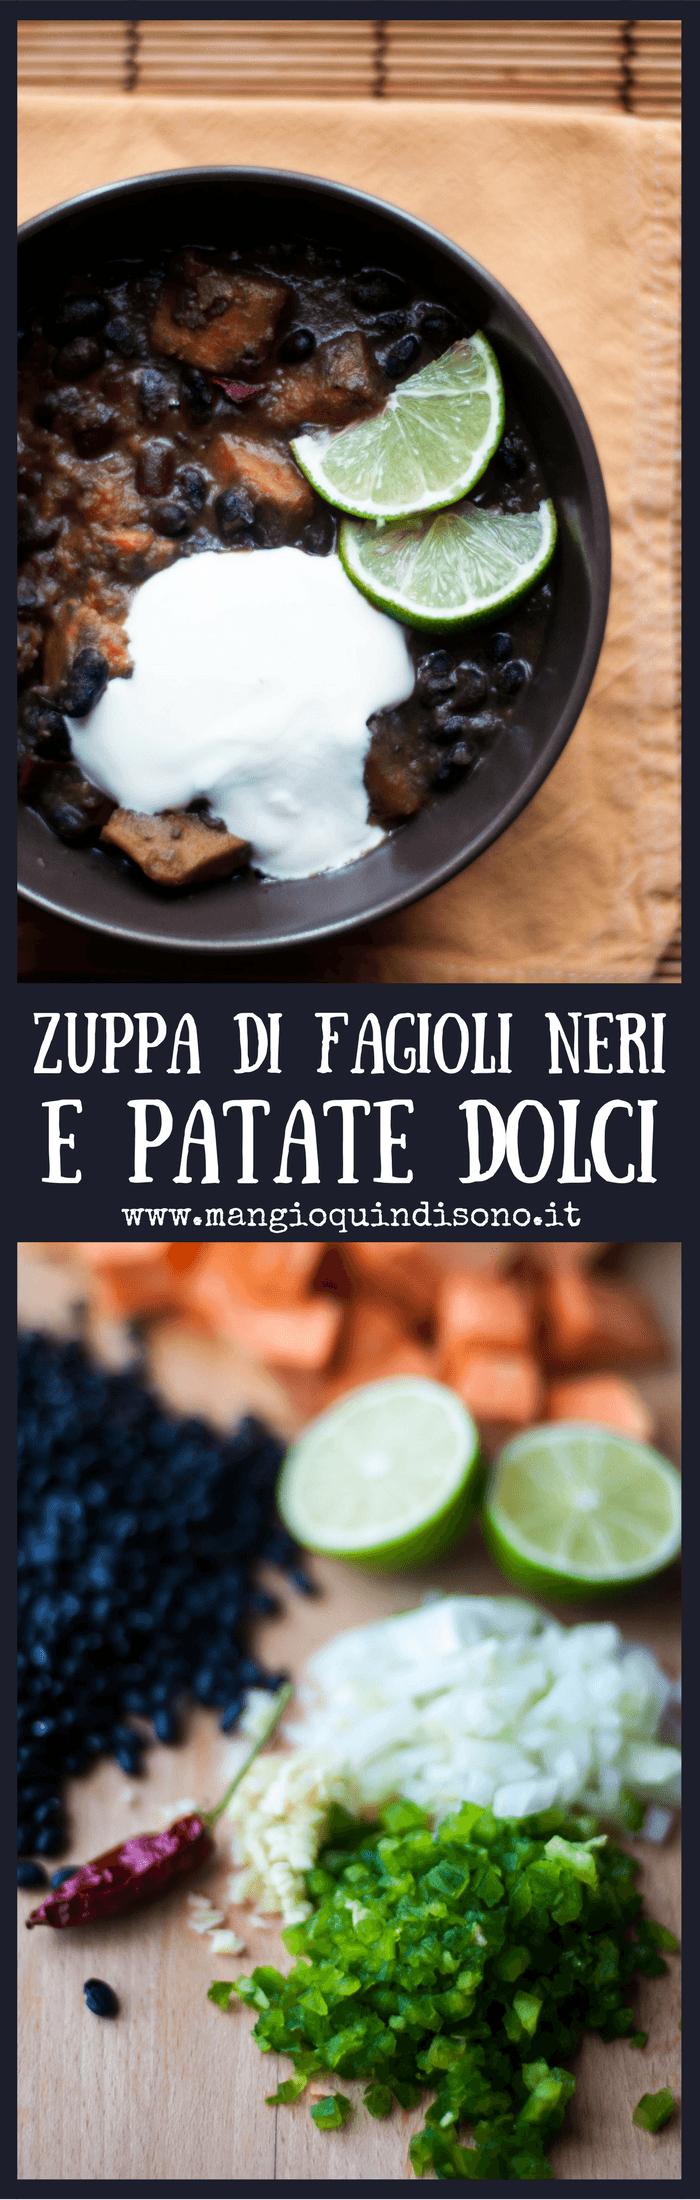 Zuppa di fagioli neri e patate dolci in versione cajun